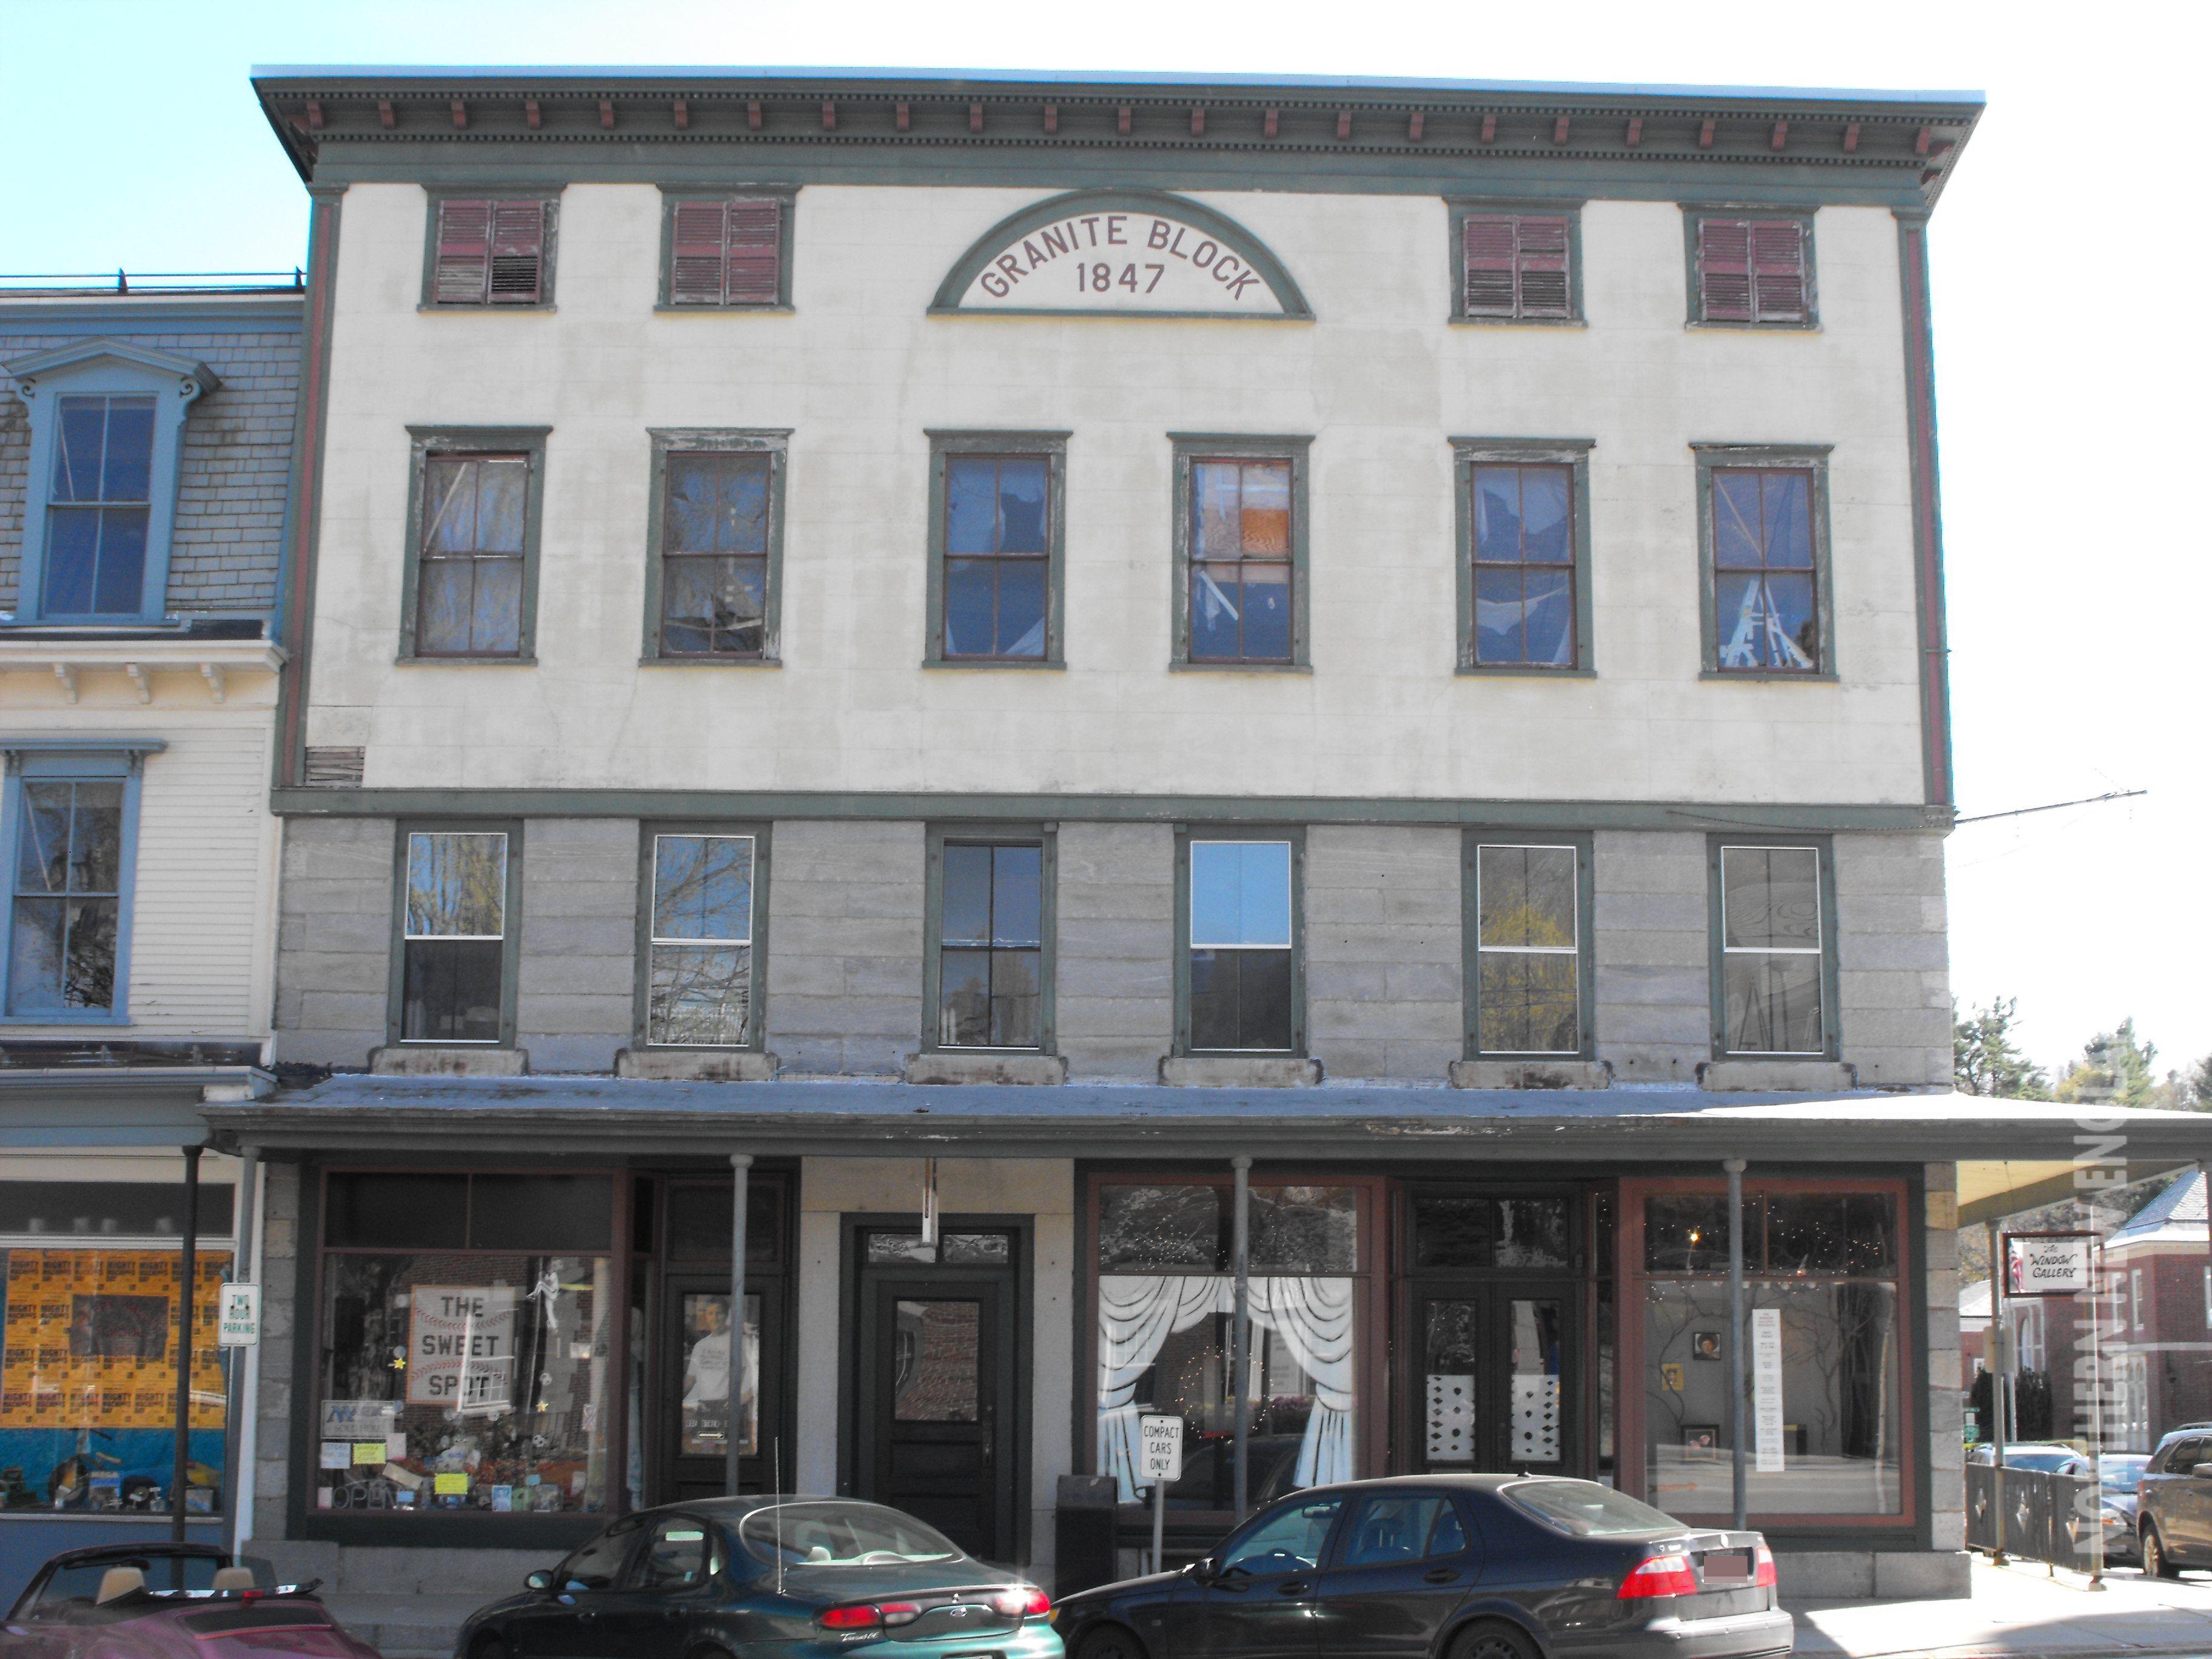 Granite Block 1847 In Peterborough New Hampshire New Hampshire New Town Peterborough